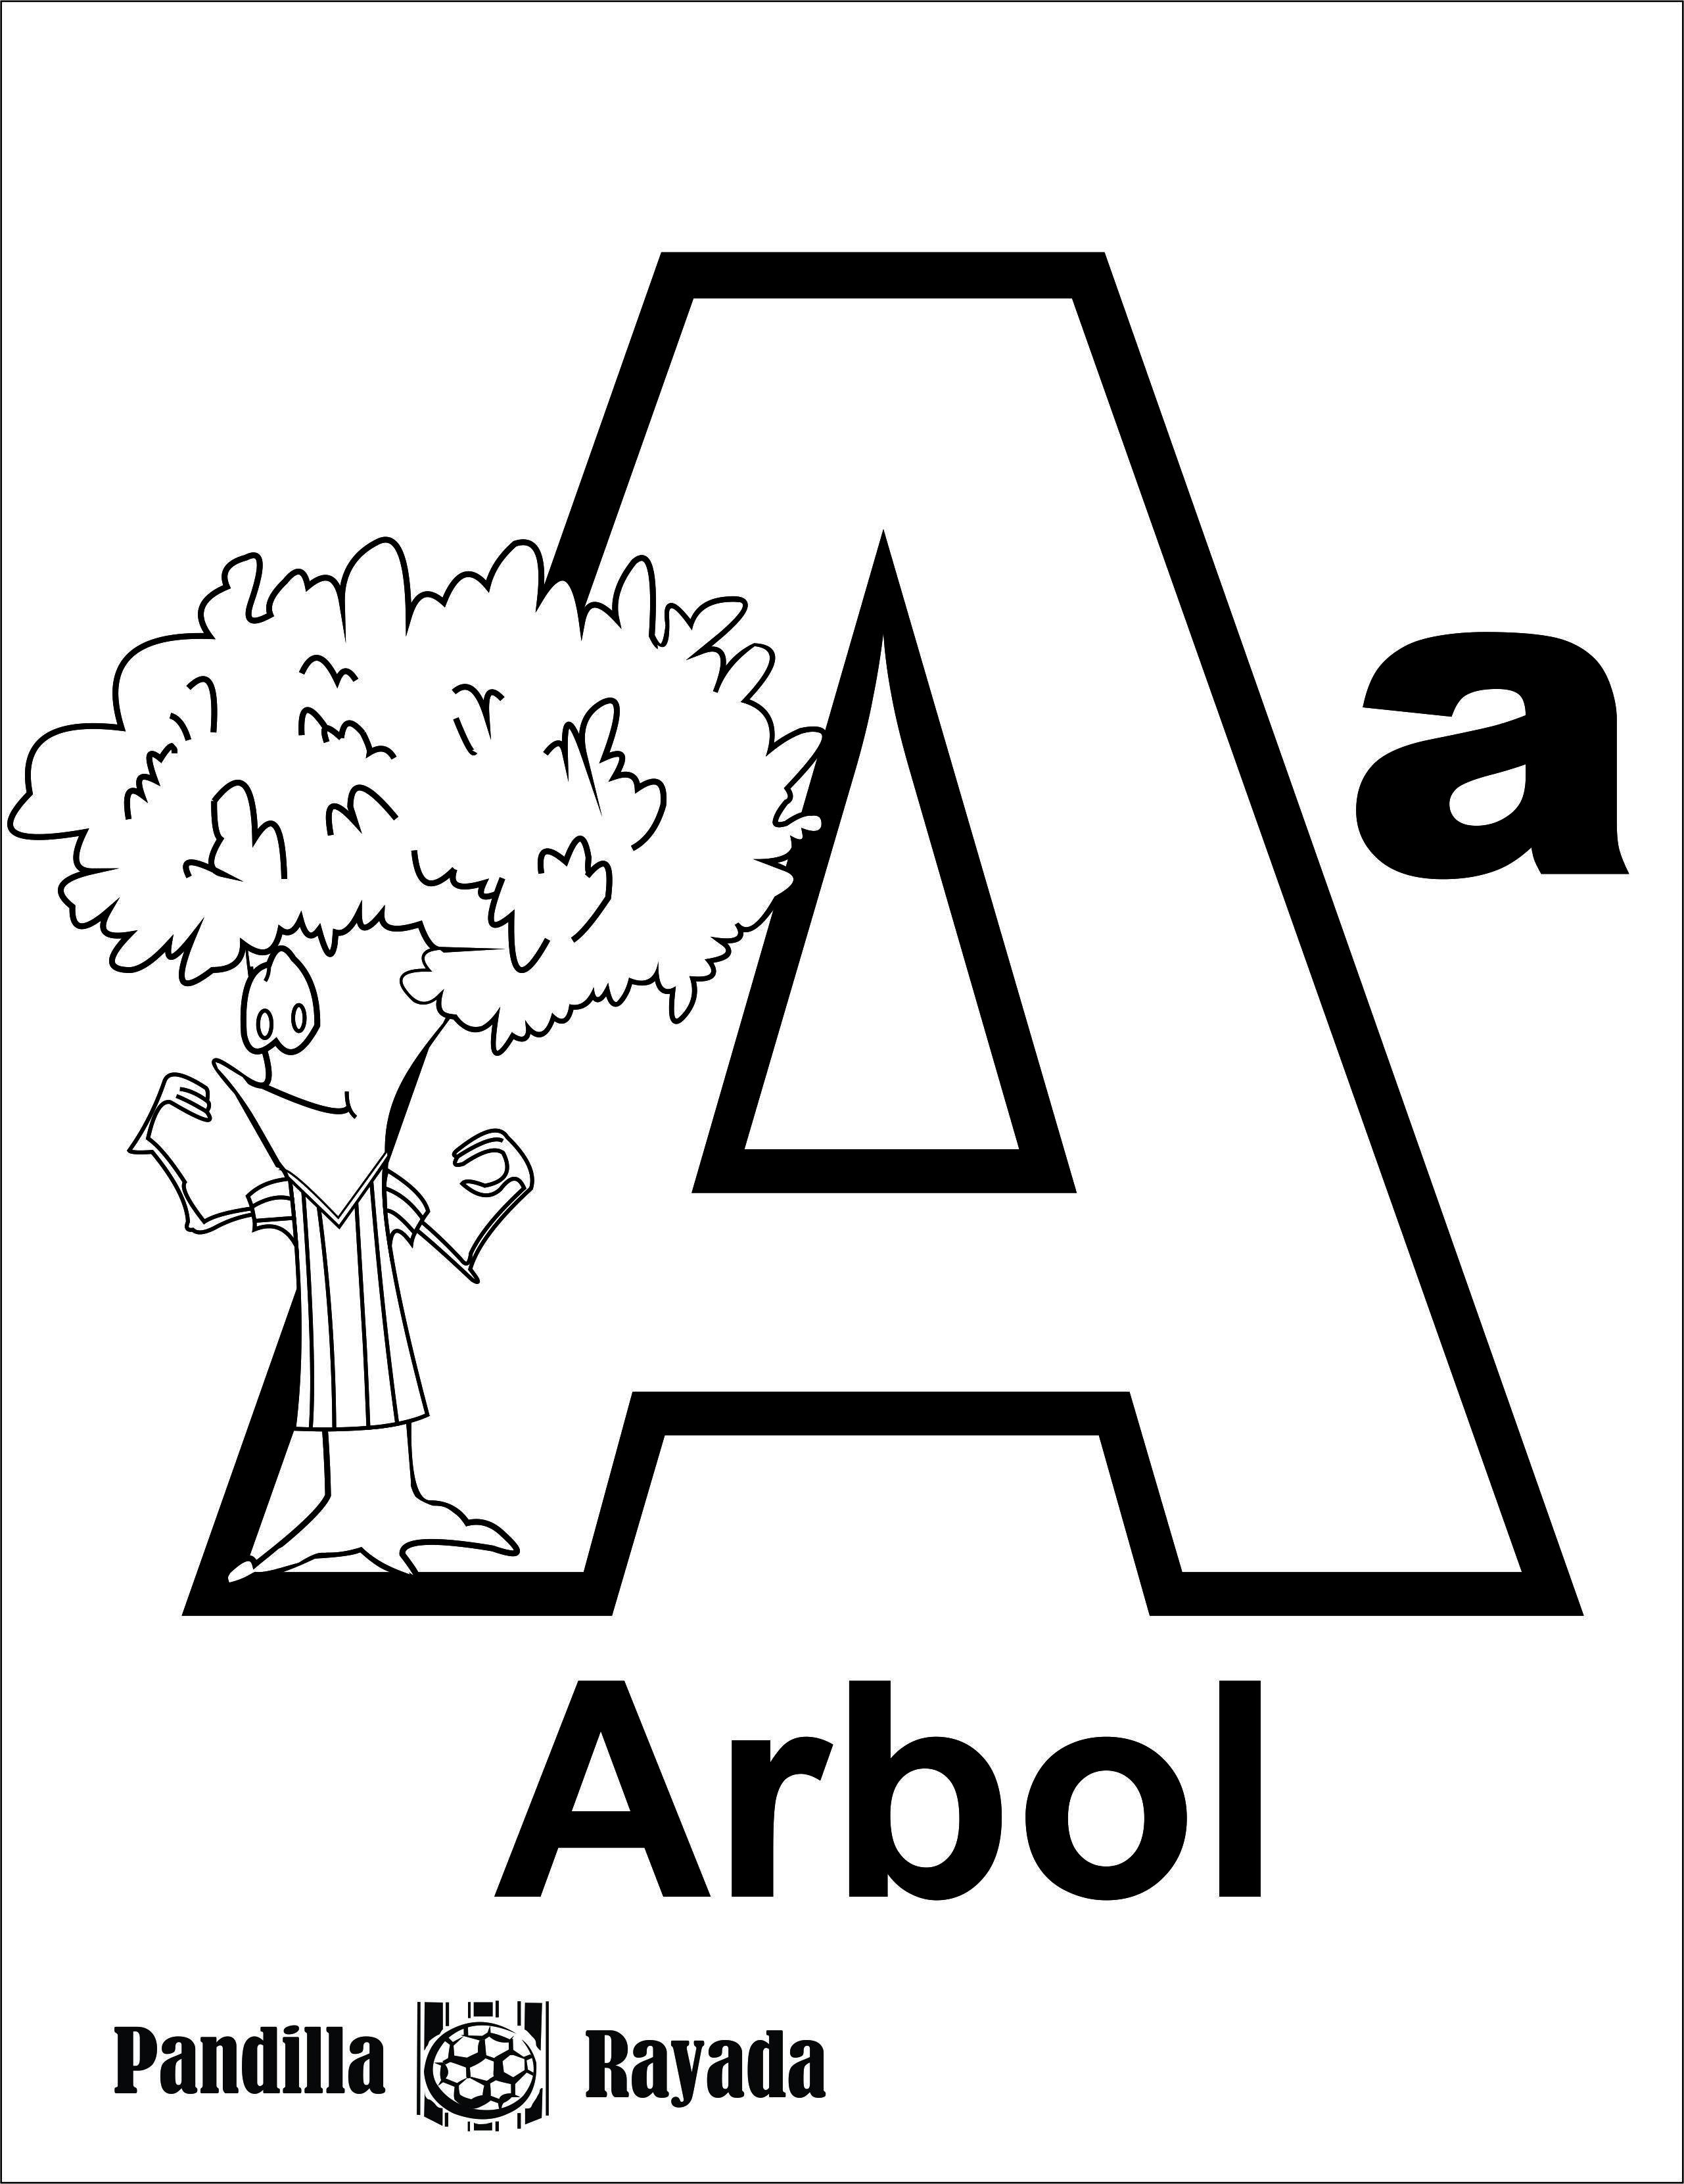 Vocal a para pintar. Árbol. | Dibujos, Dibujos para colorear